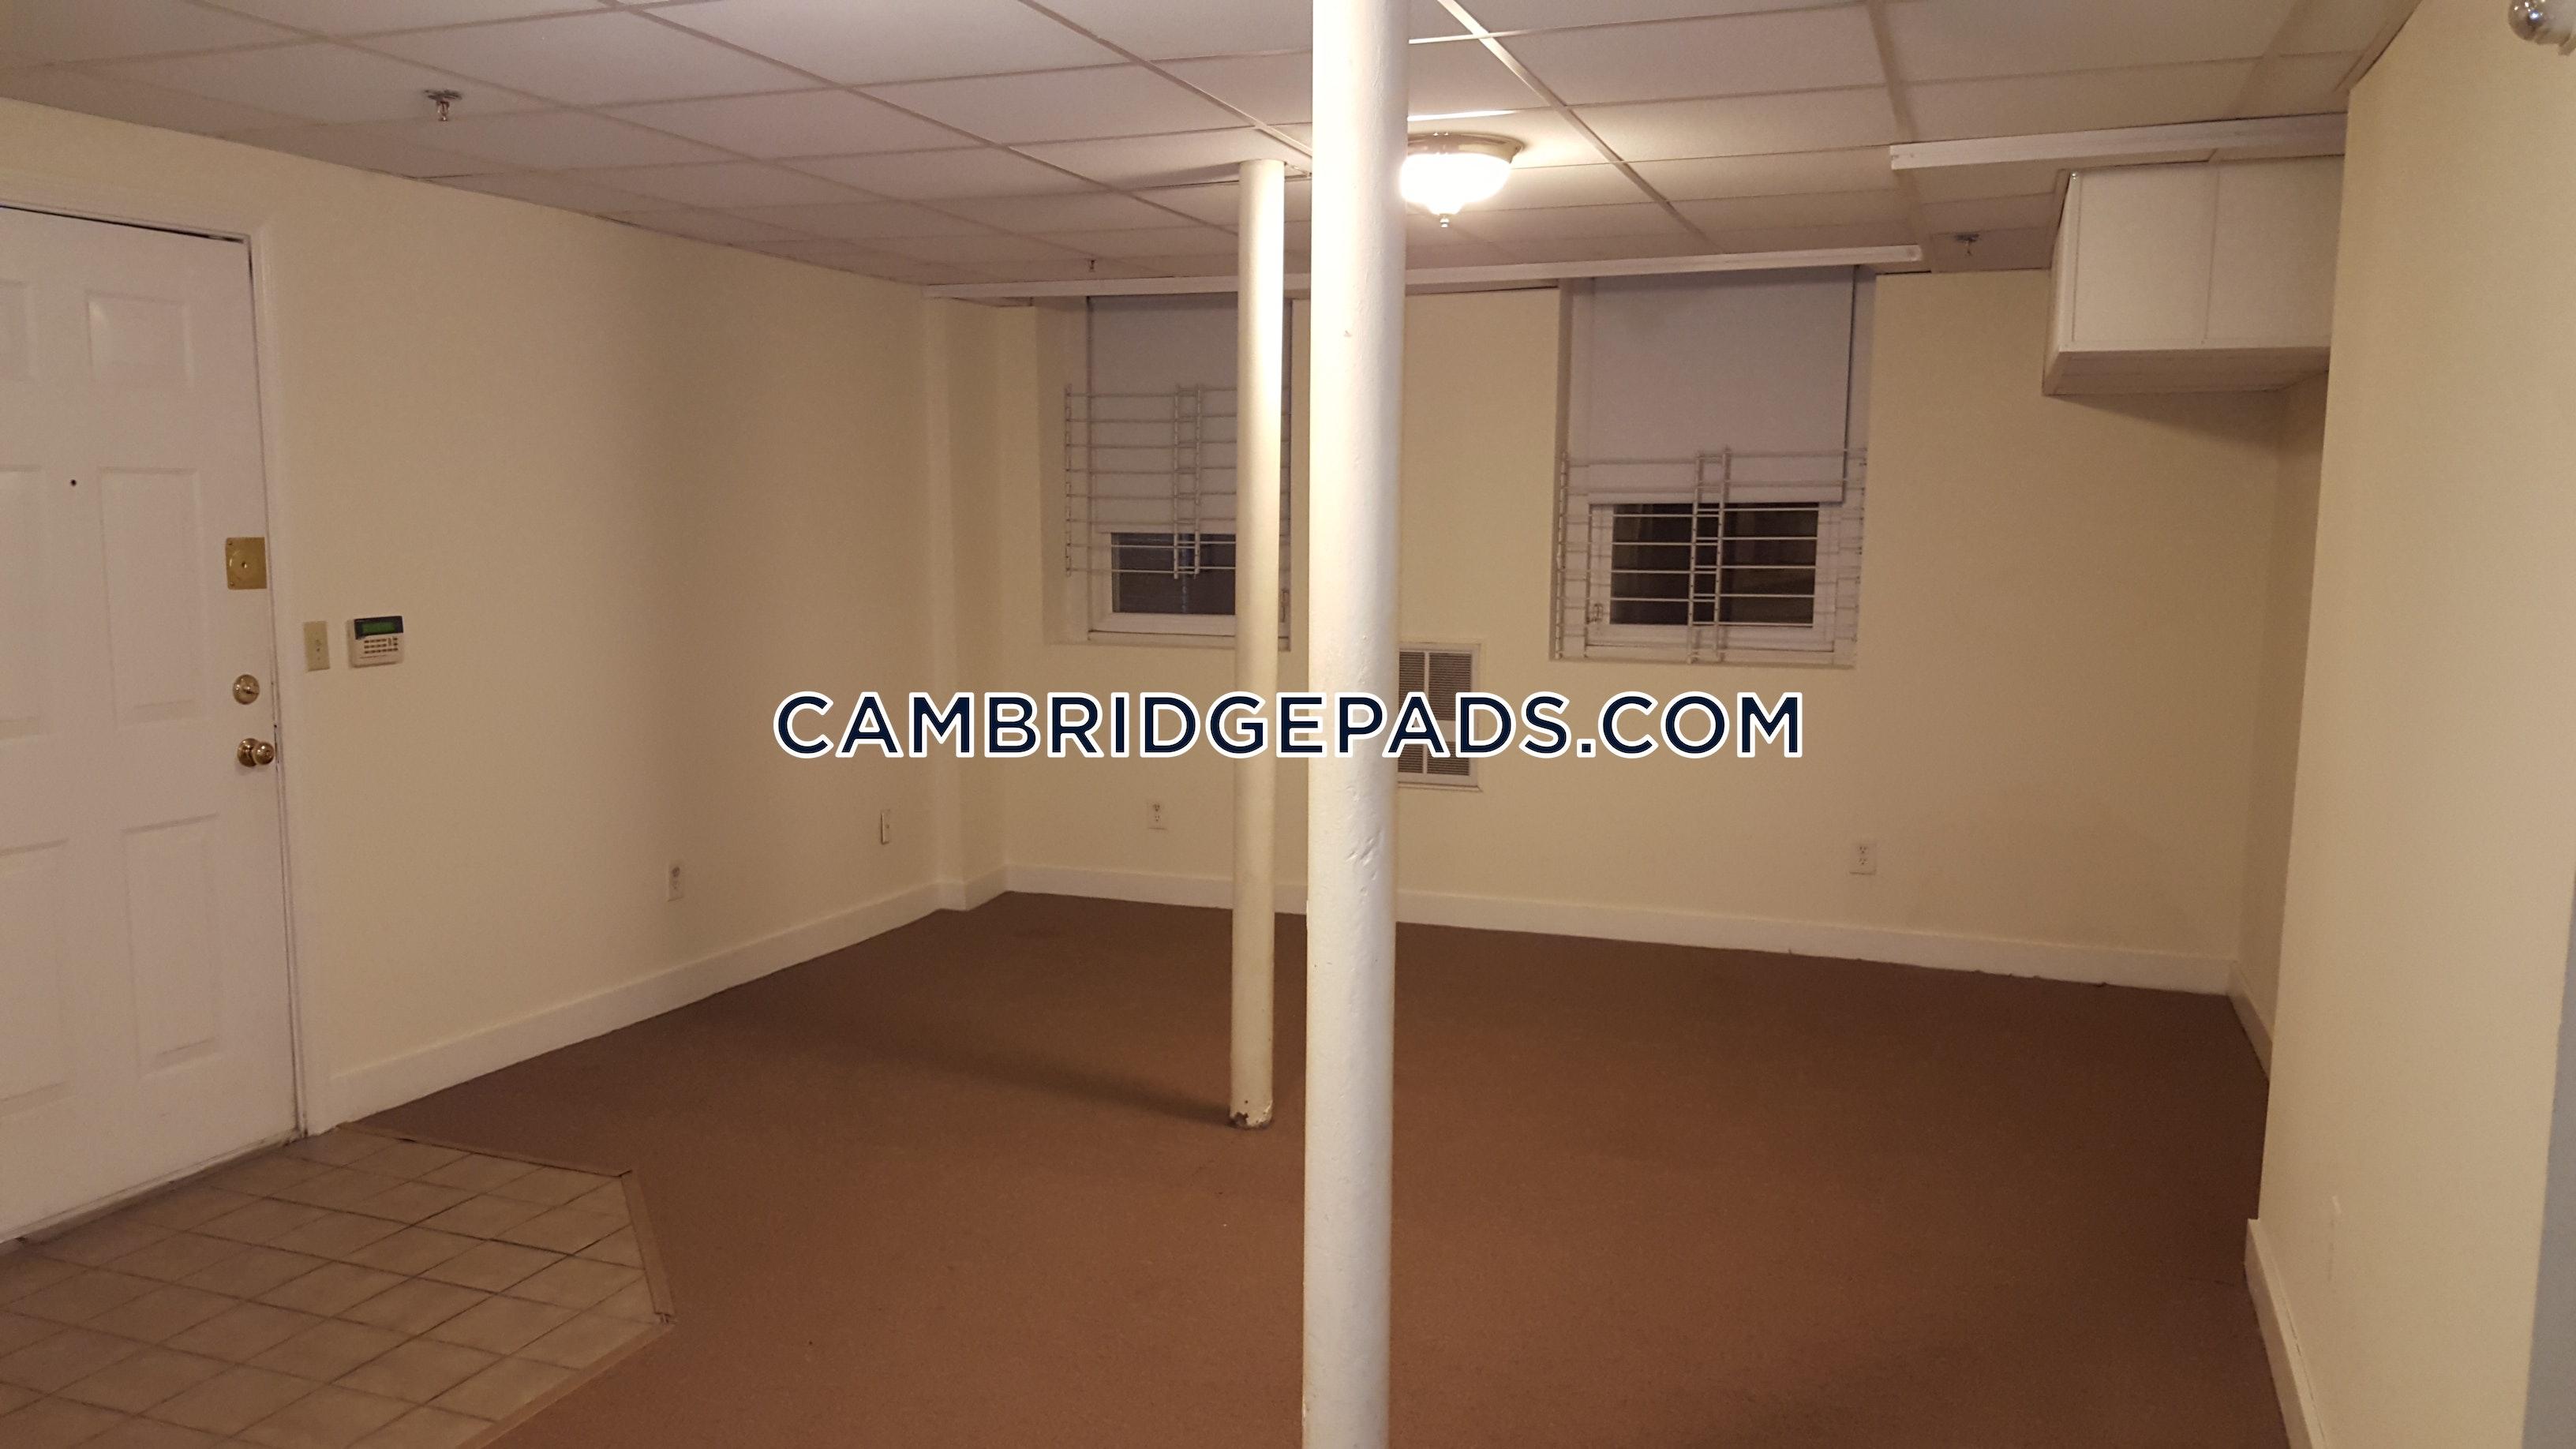 CAMBRIDGE - HARVARD SQUARE - $2,550